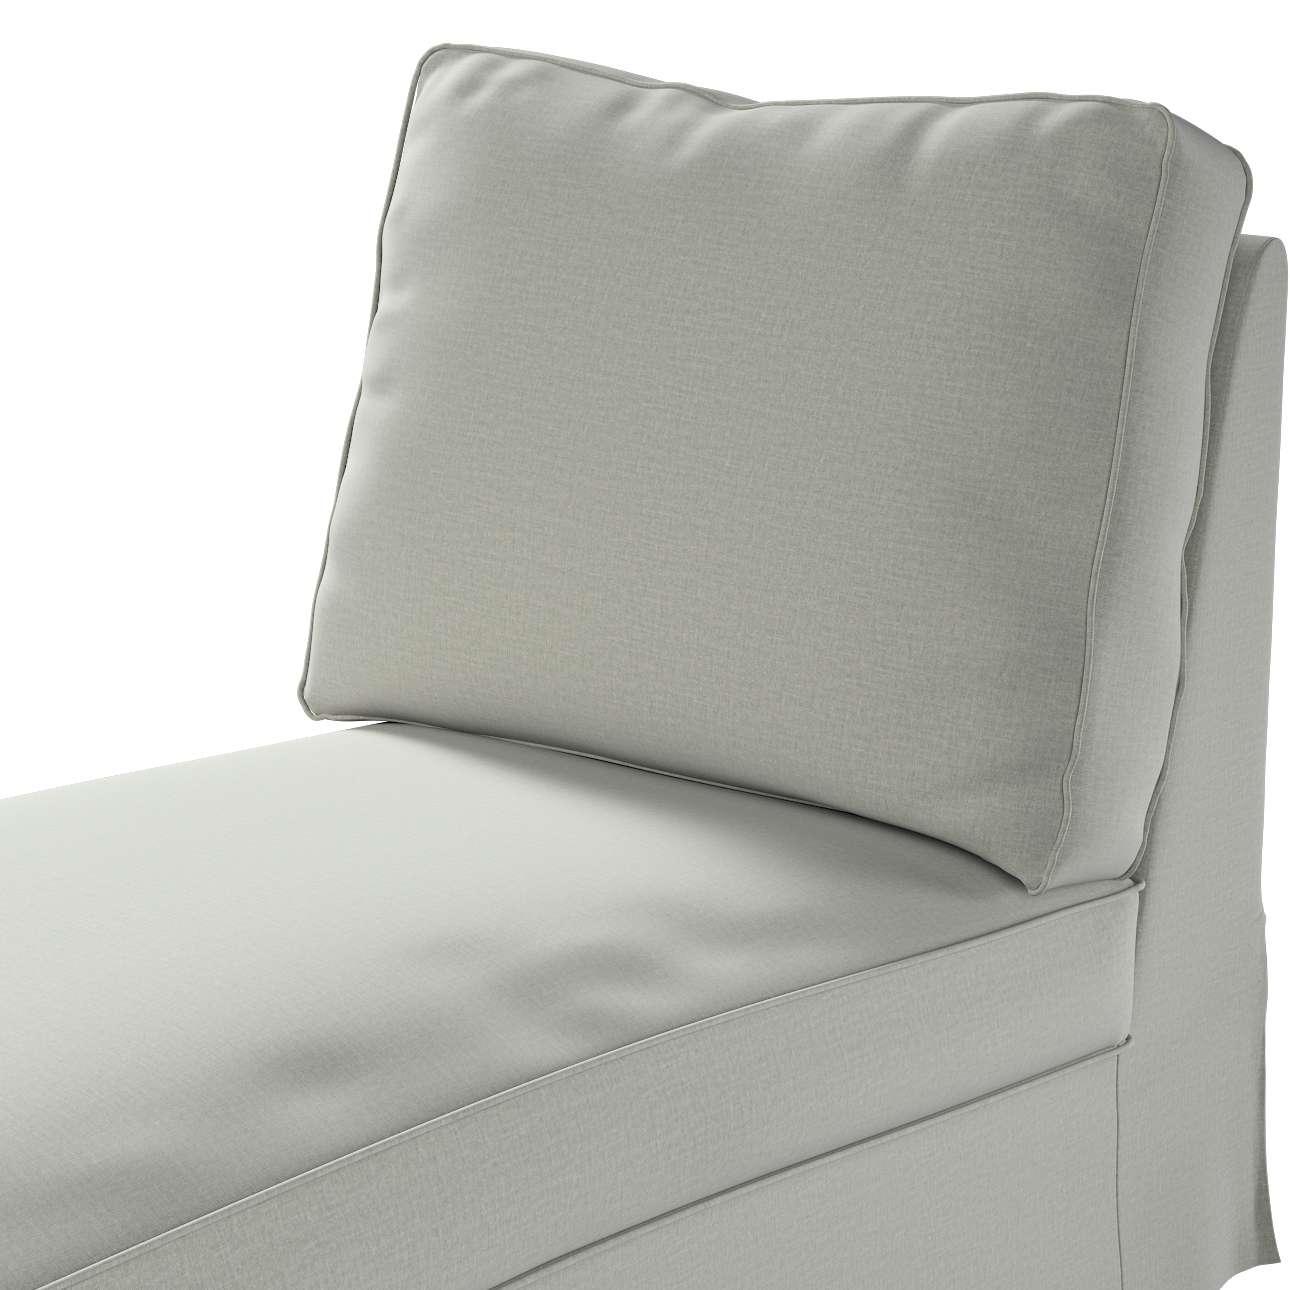 Pokrowiec na szezlong/ leżankę Ektorp wolnostojący prosty tył w kolekcji Ingrid, tkanina: 705-41